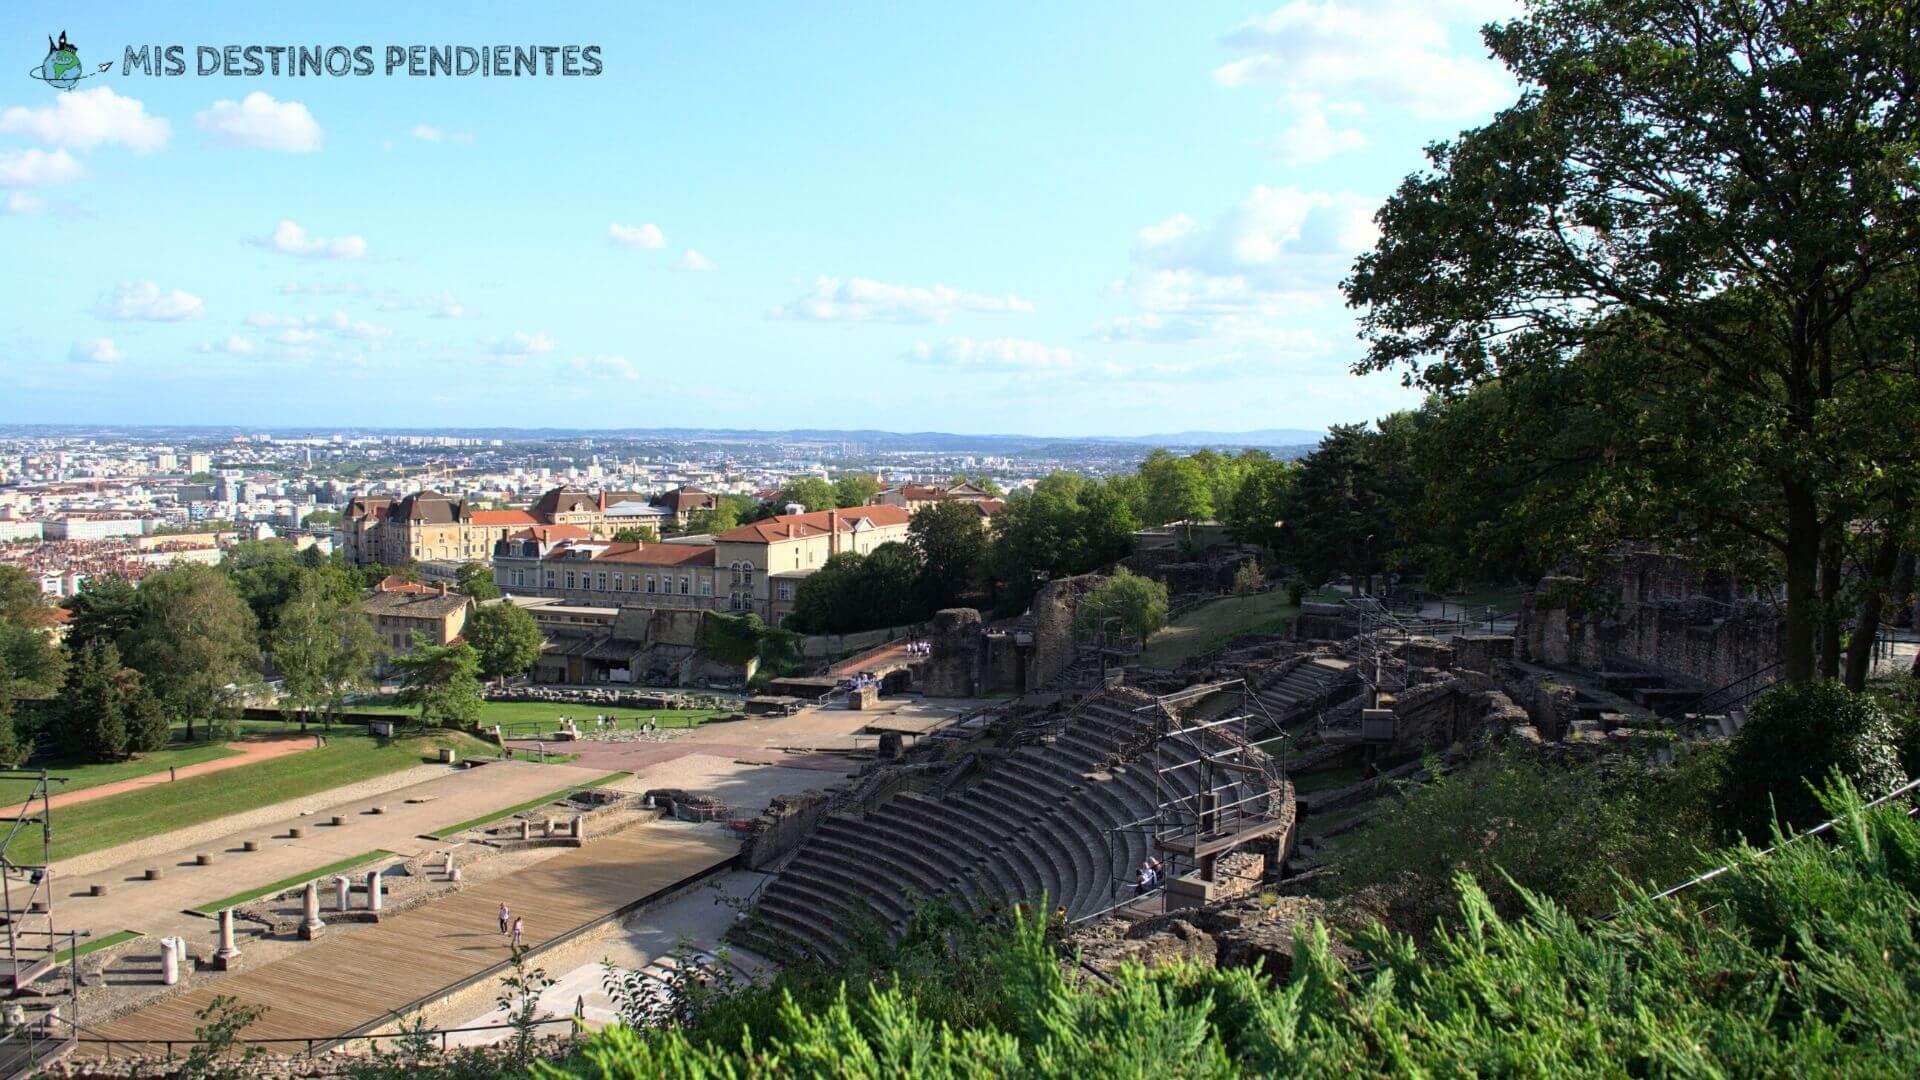 Teatro romano de Lyon (Francia)